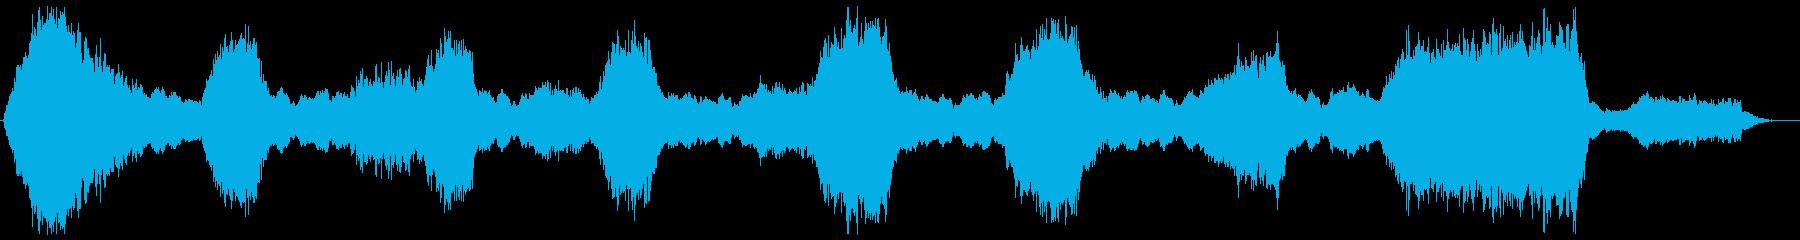 心霊番組などの恐怖感の演出 怖い曲の再生済みの波形